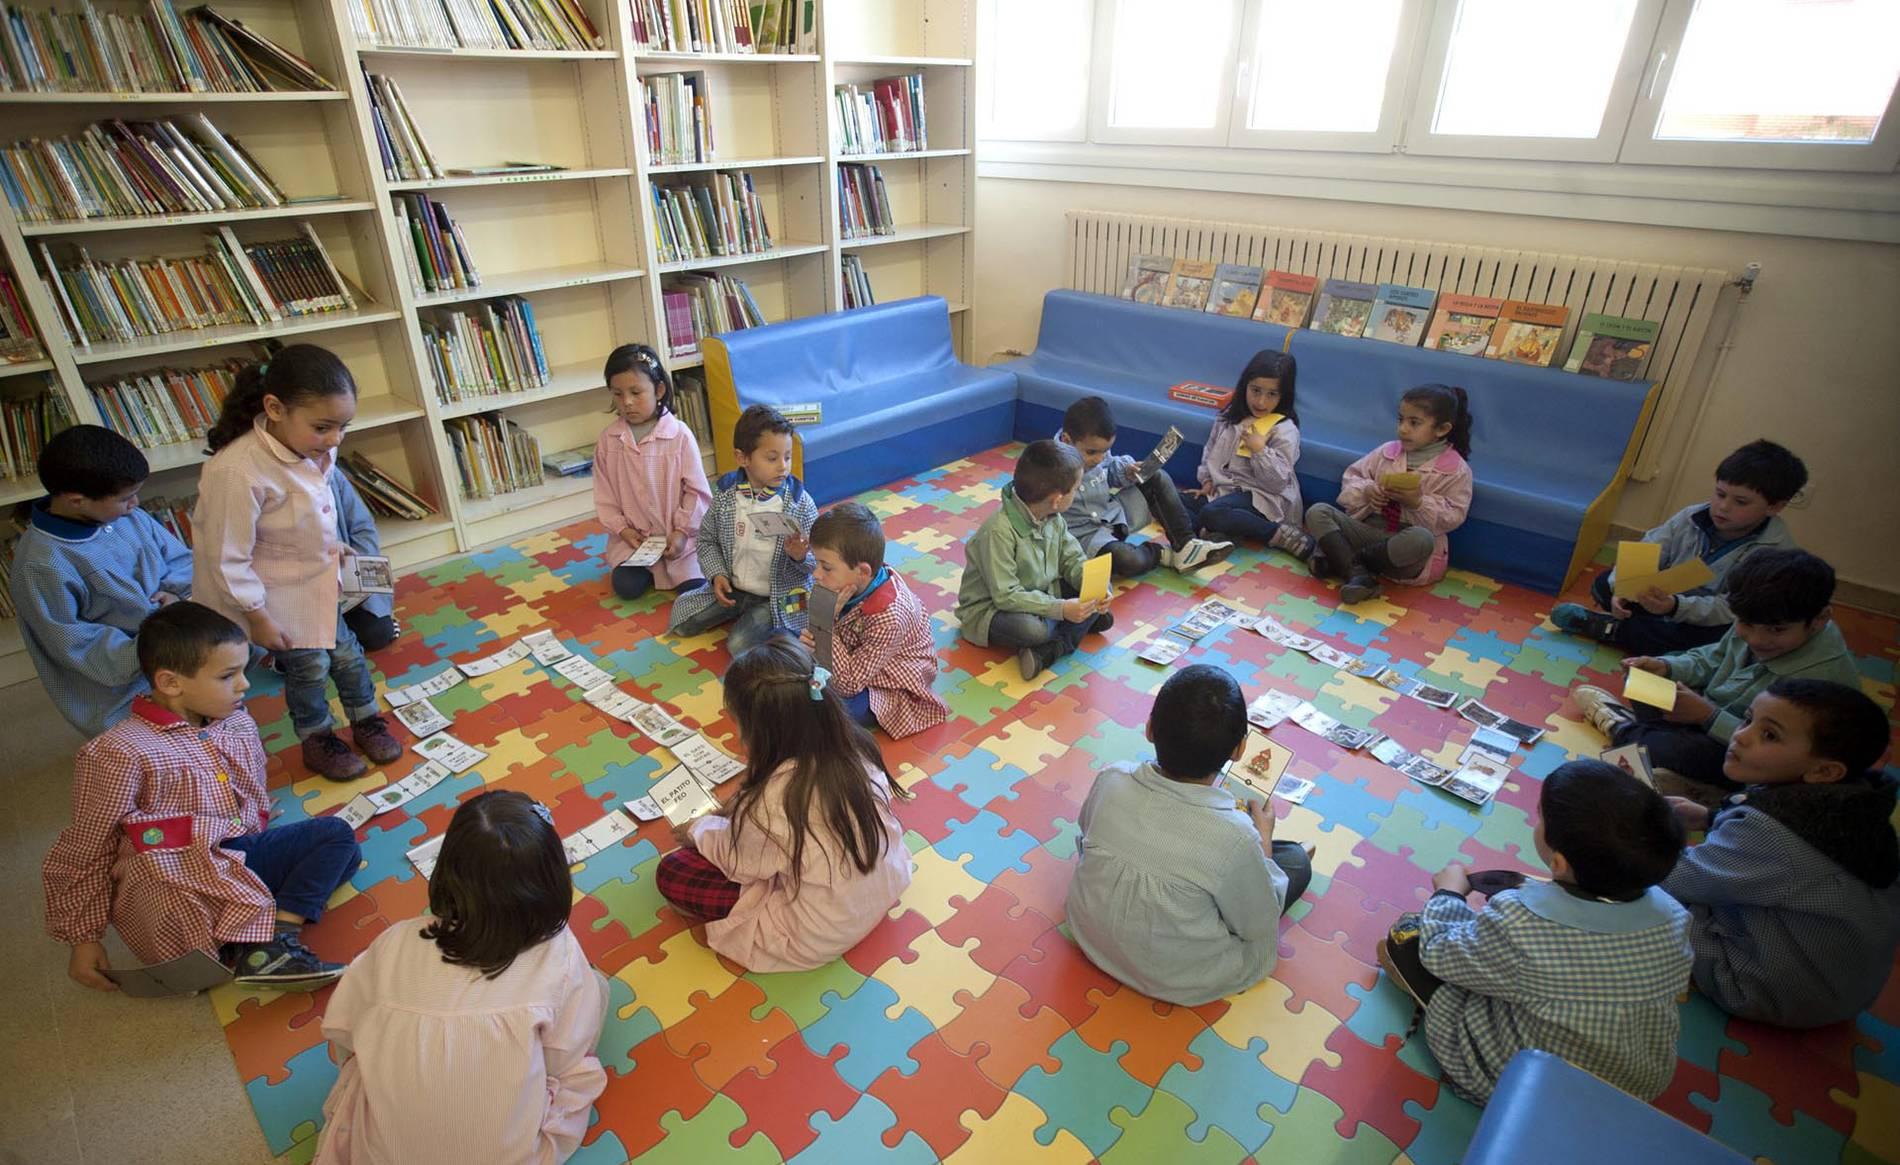 Colegio Doña Álvara Álvarez (Falces) (1/14) - Escolares del colegio de Falces. - Navarra -